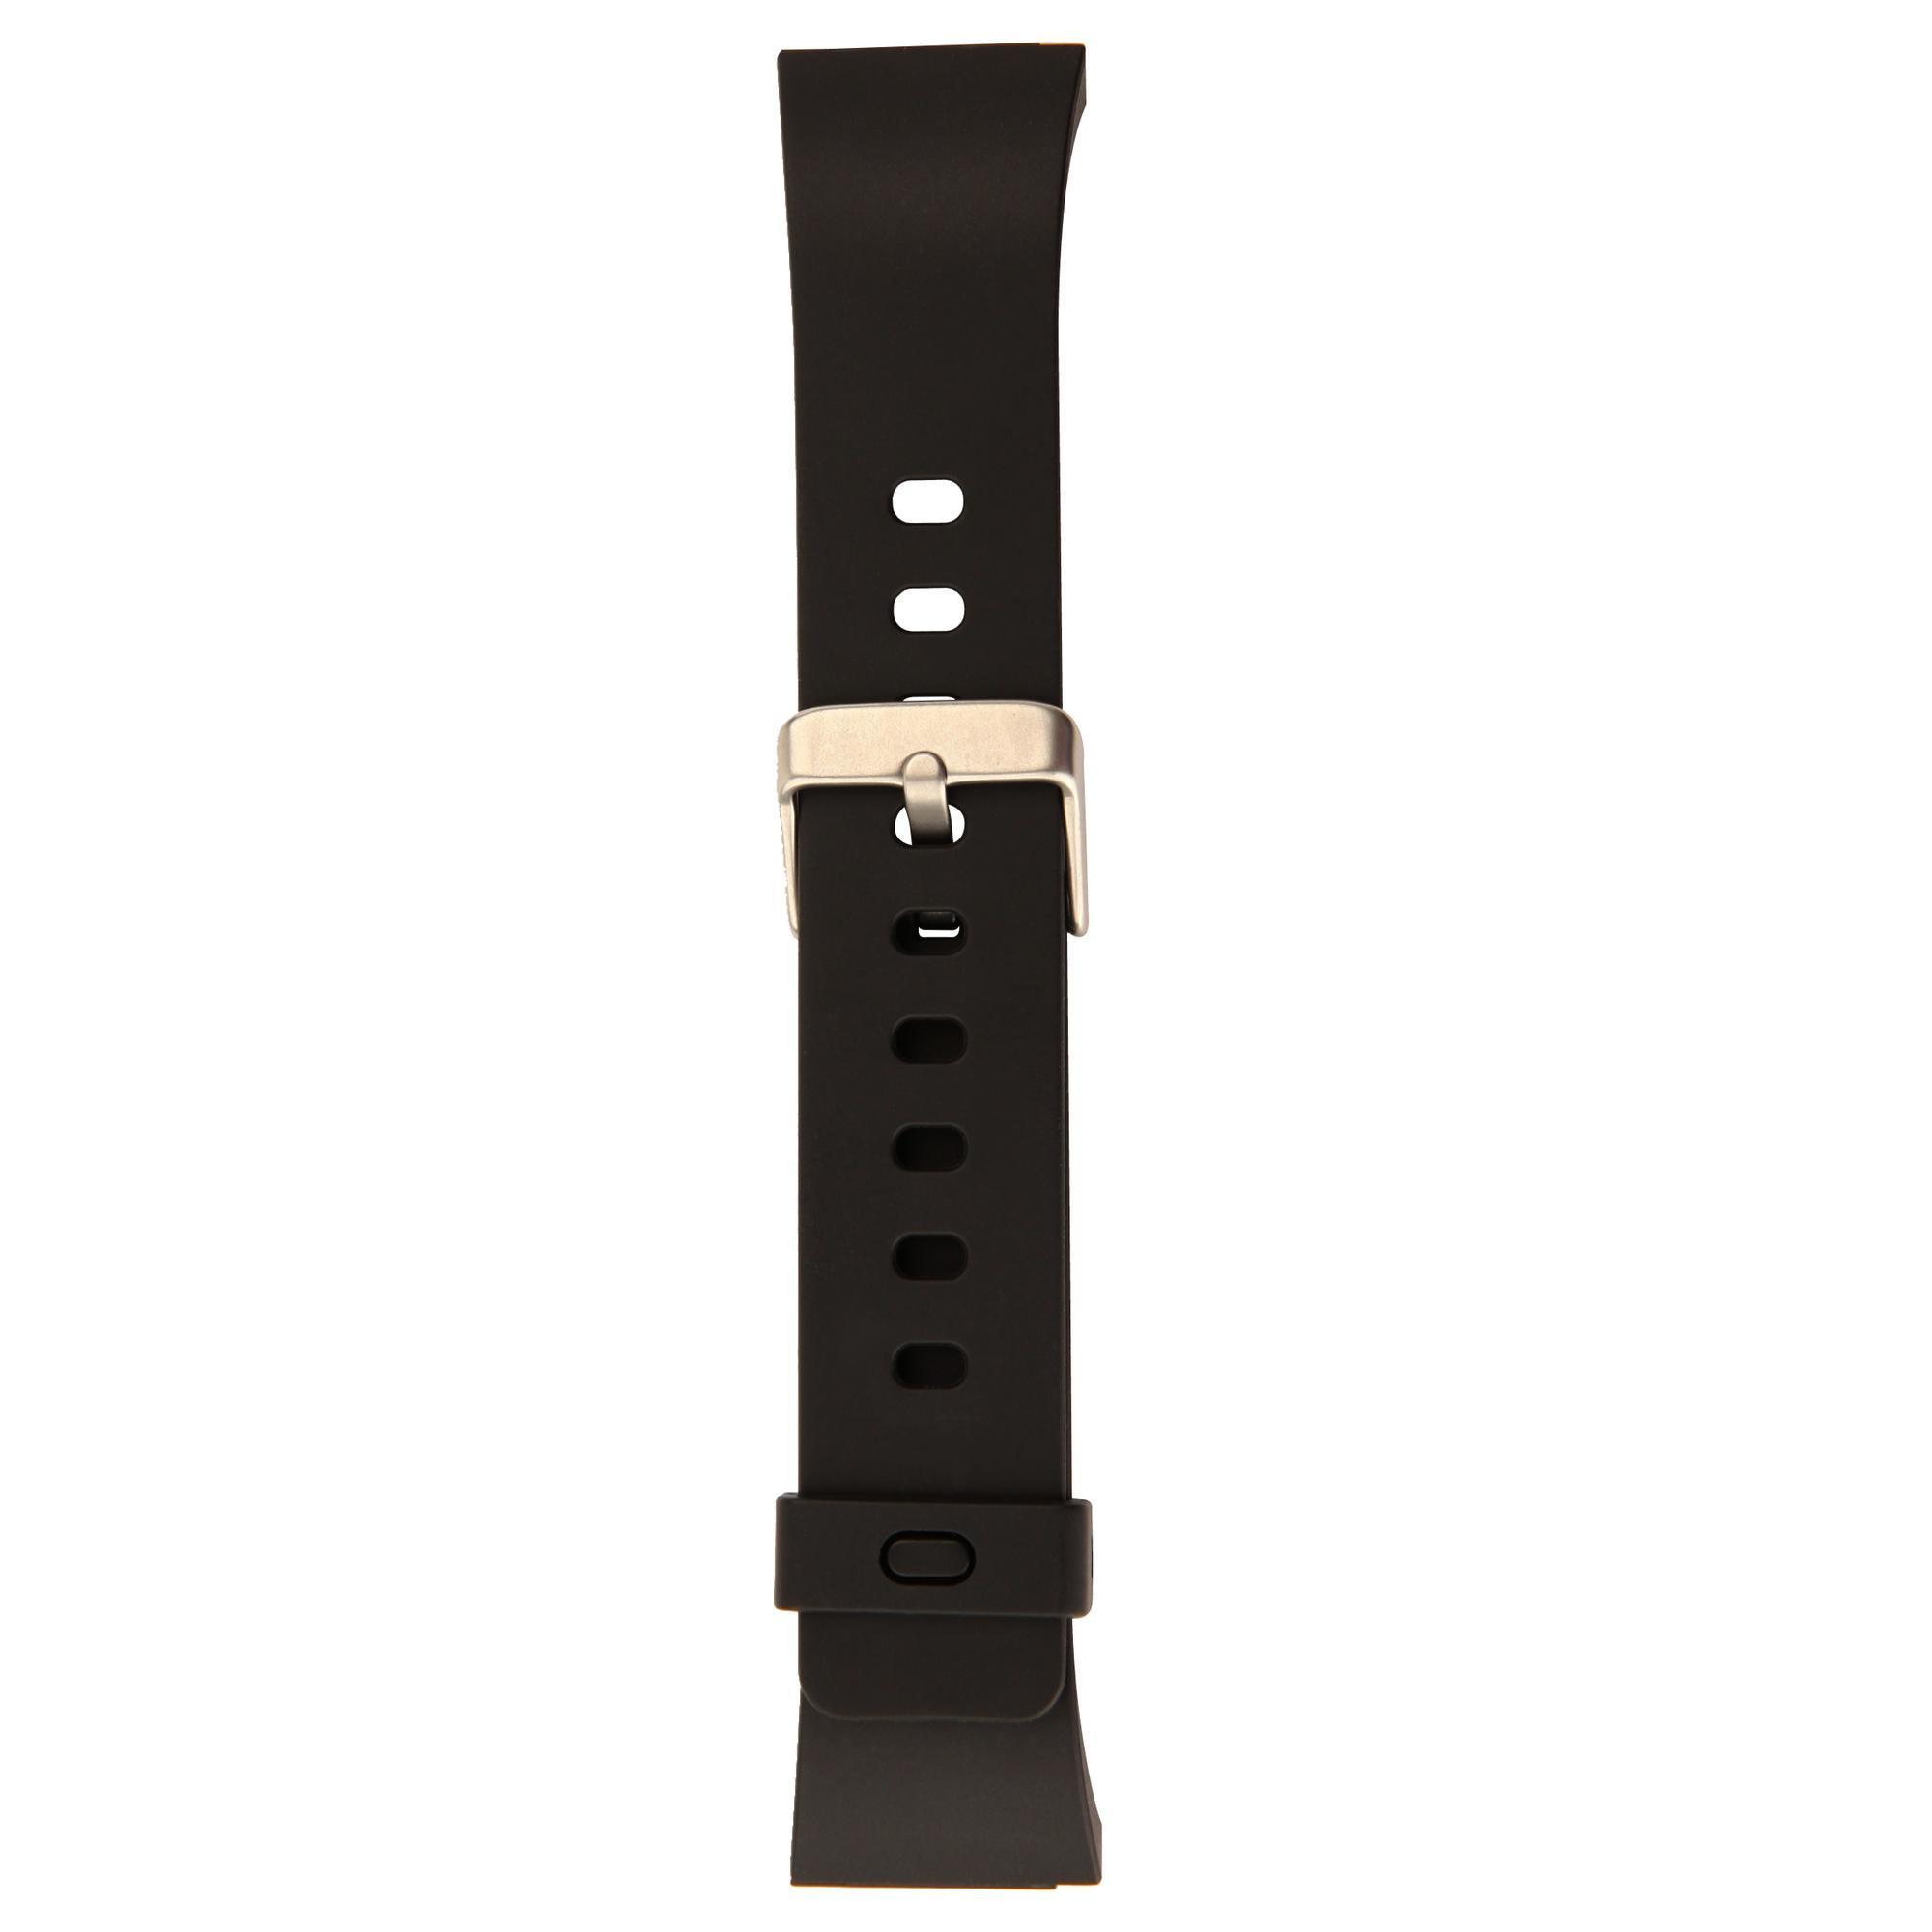 624e46aac9a1 Correa reloj NEGRA compatible con W500